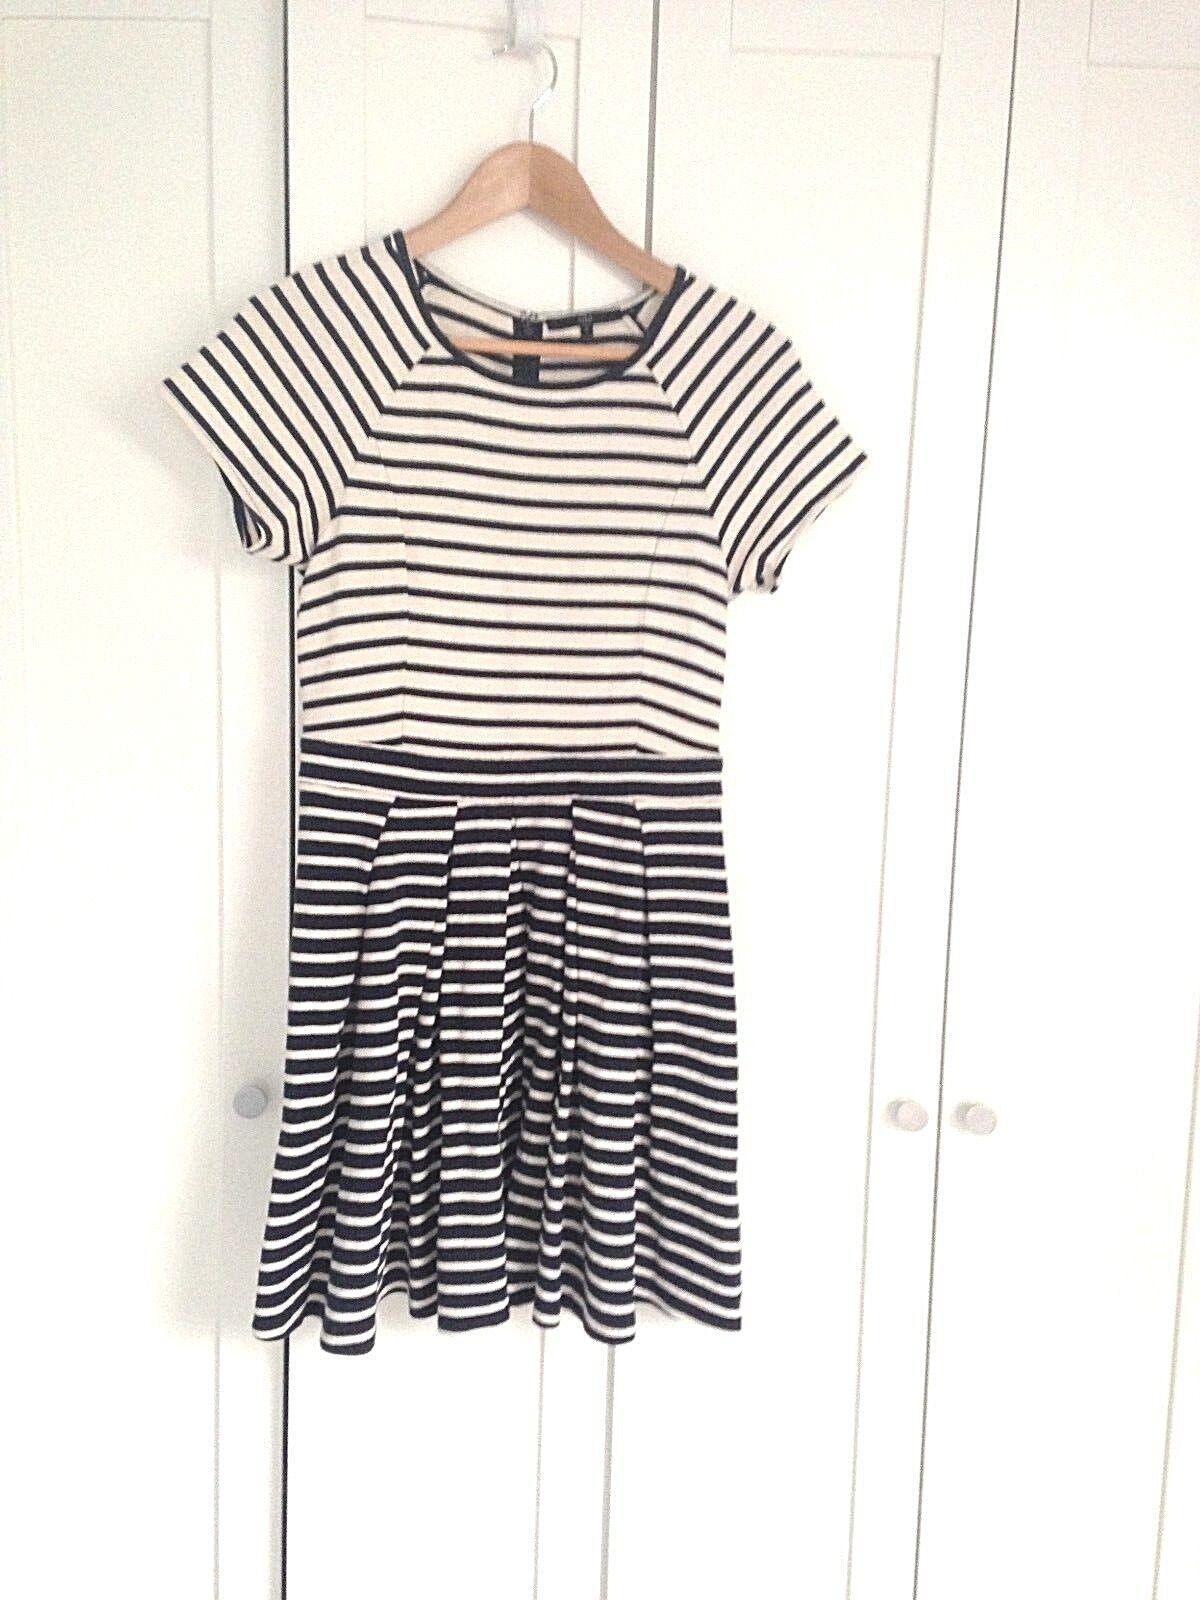 TIBI Woherren sz 6 Short A-Line Summer Dress Navy + Cream Striped Pleated Skirt